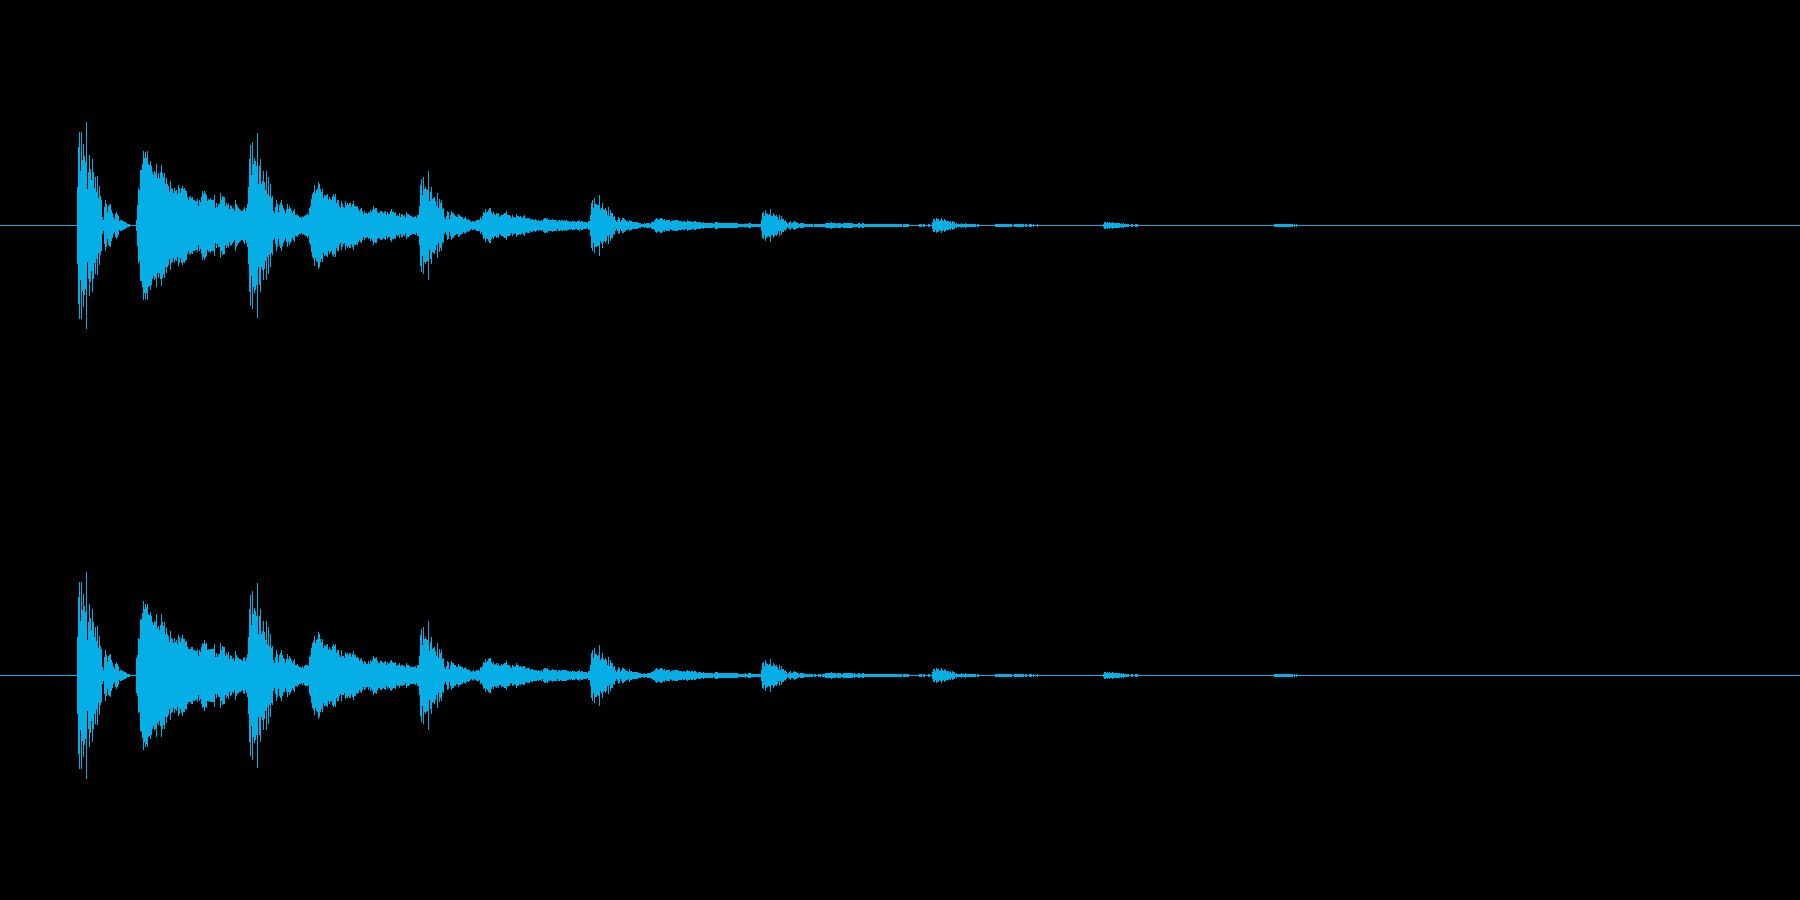 【びっくり05-4】の再生済みの波形